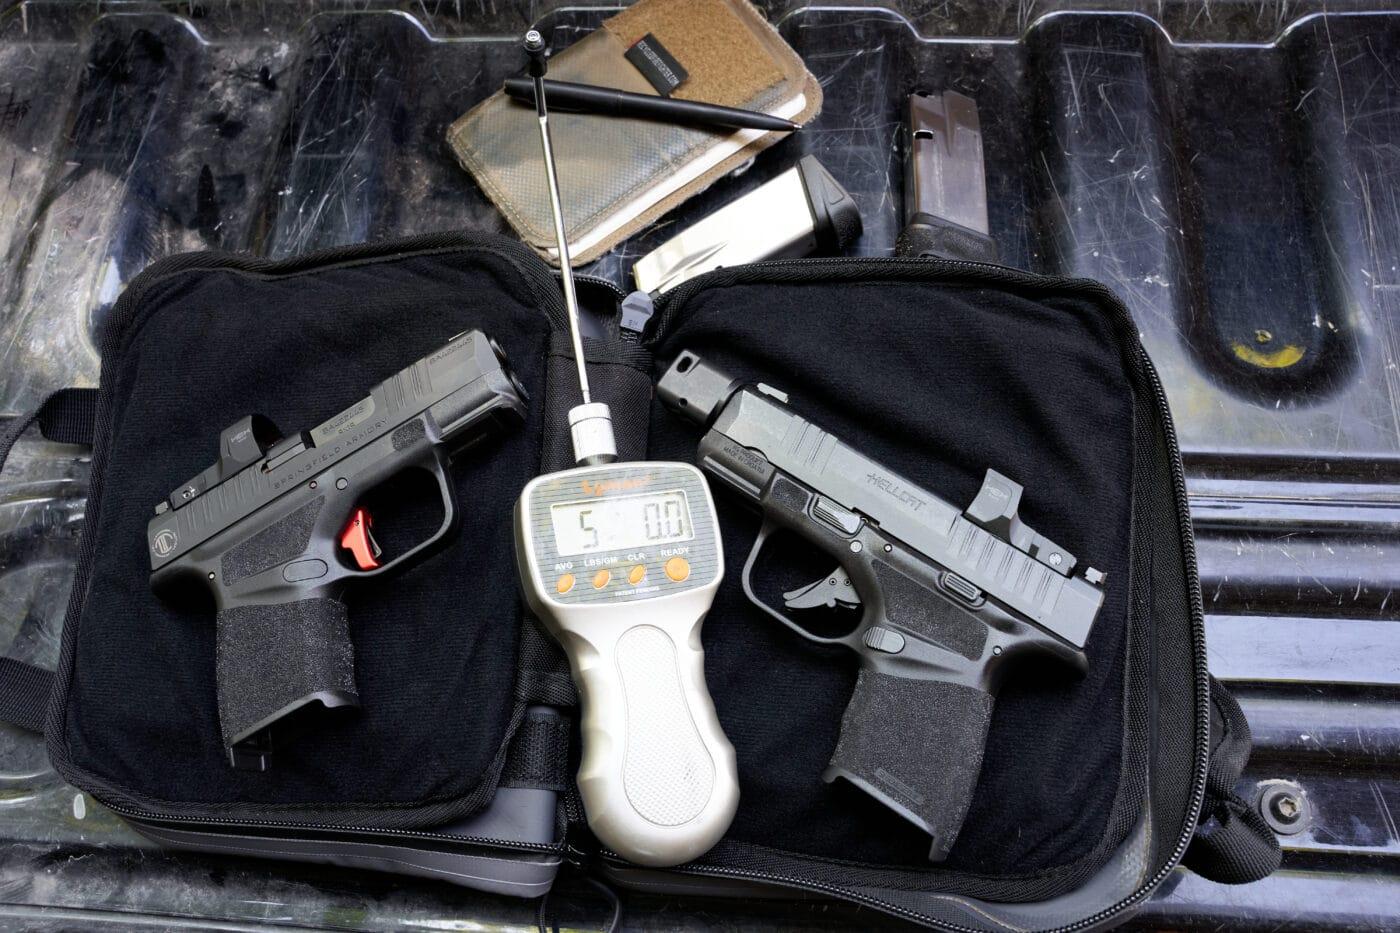 Trigger pull of the LTT Custom Hellcat pistol